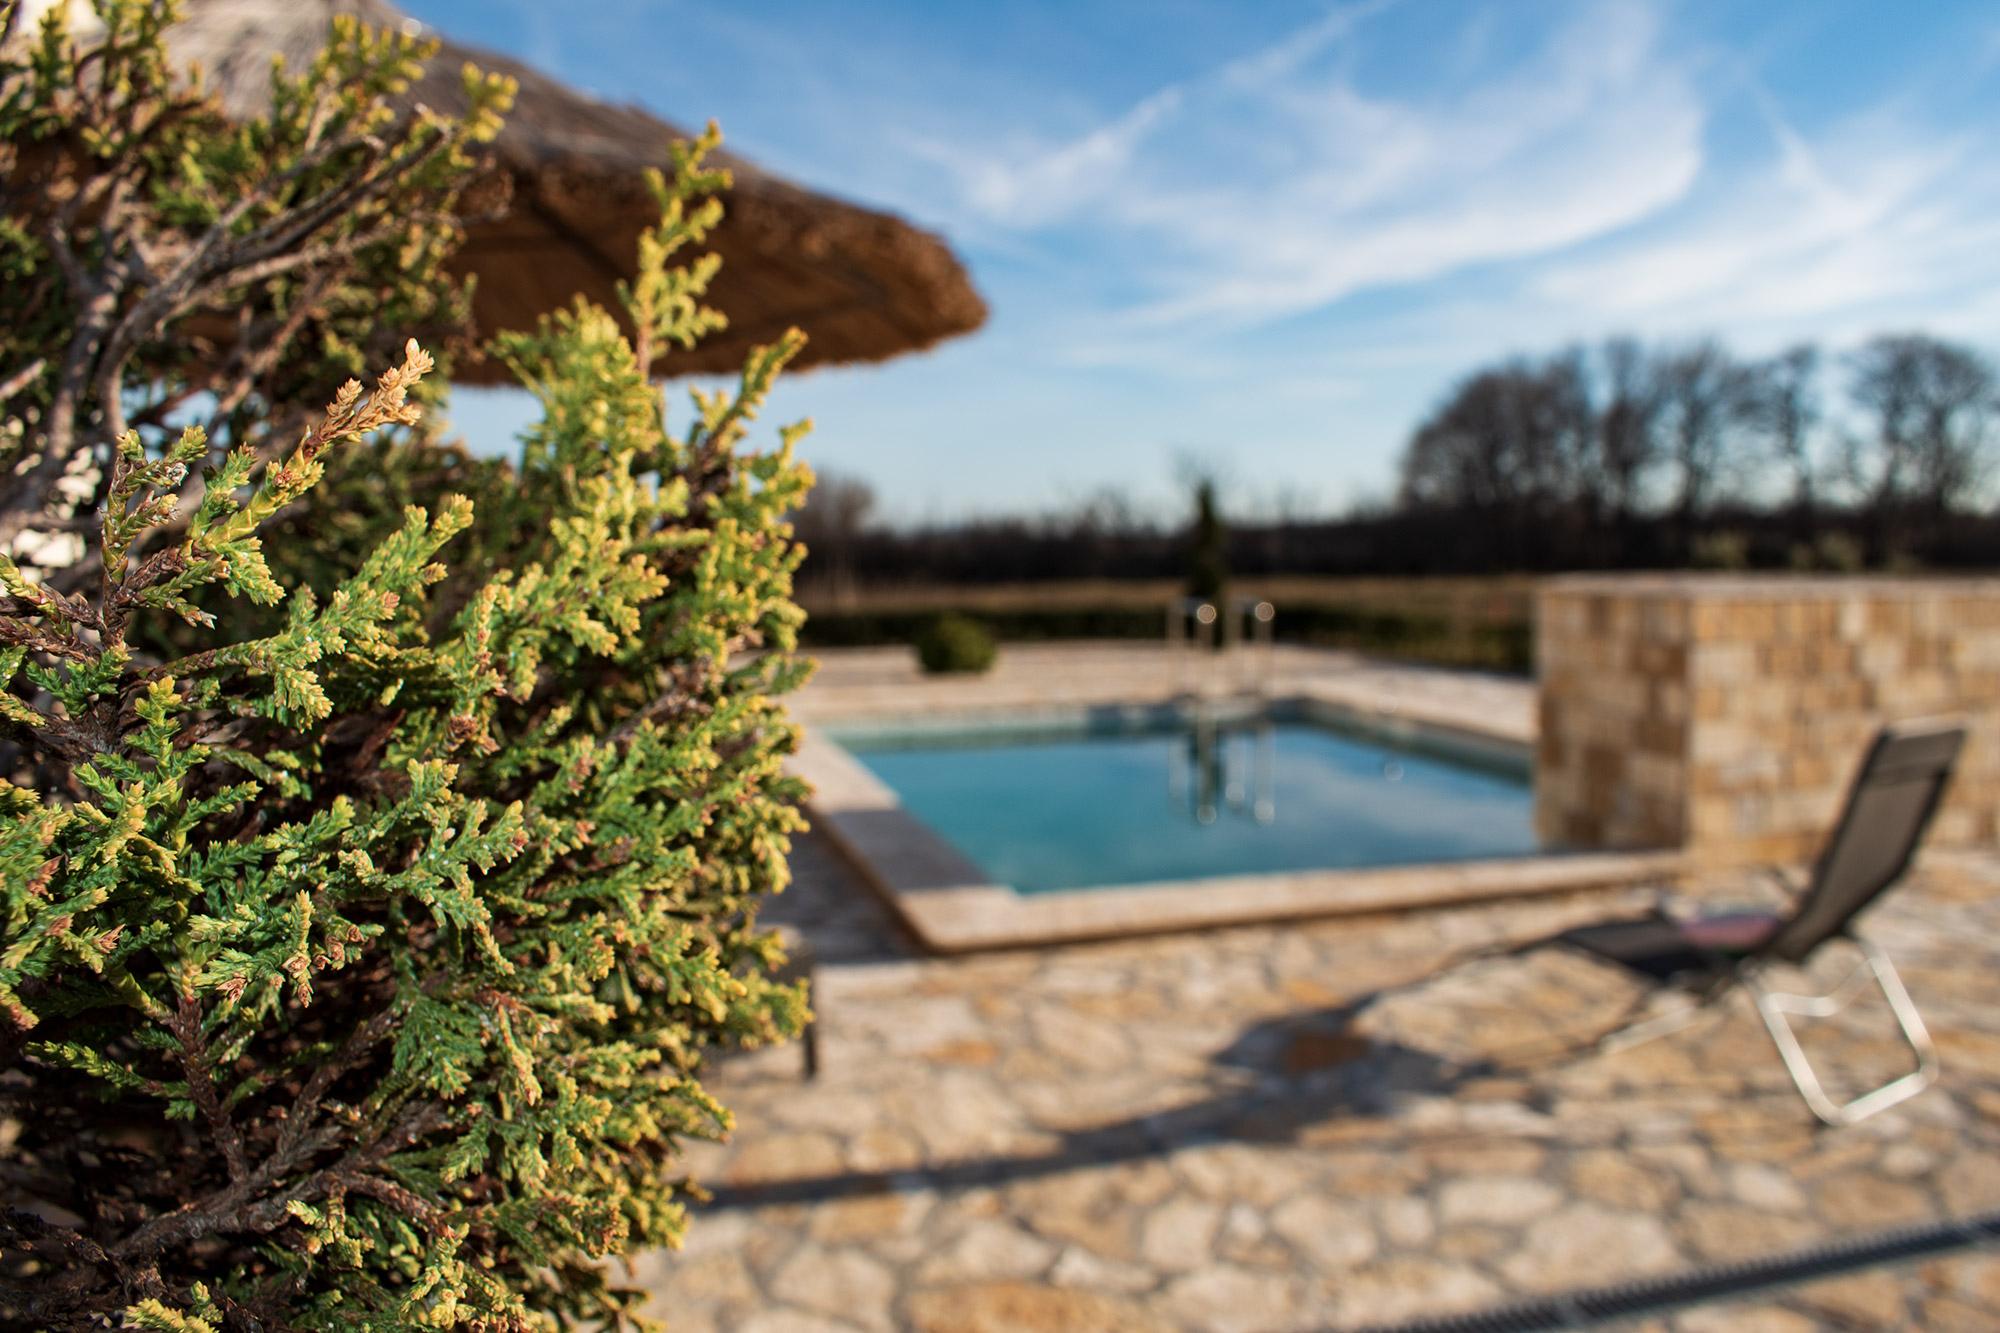 AP Villa Pristeg - Pool and garden